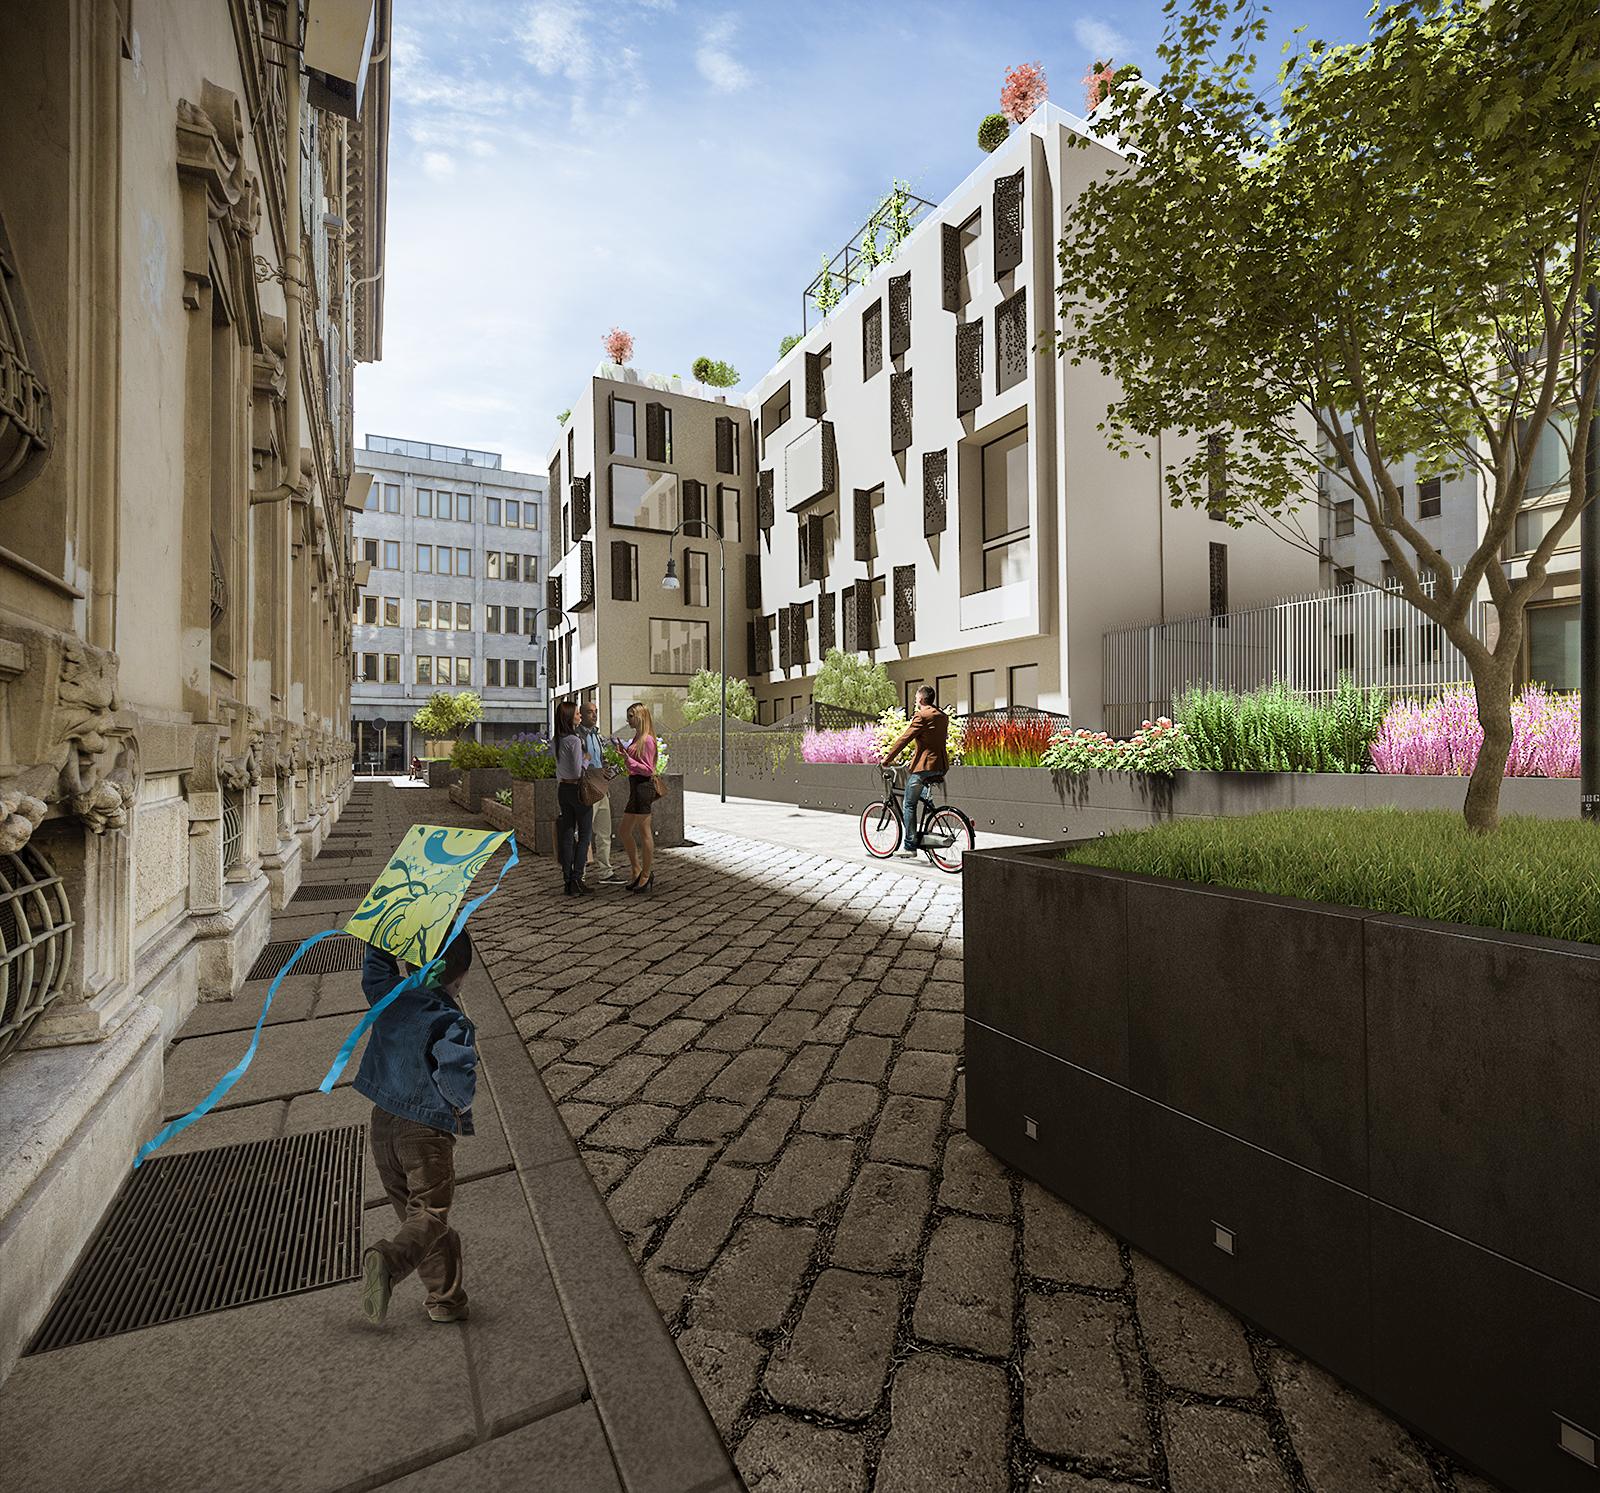 Il progetto di rinnovamento definisce una dimensione estetica perfettamente integrata con il contesto, con la storia della città e con l'architettura contemporanea © Boffa Petrone & Partners